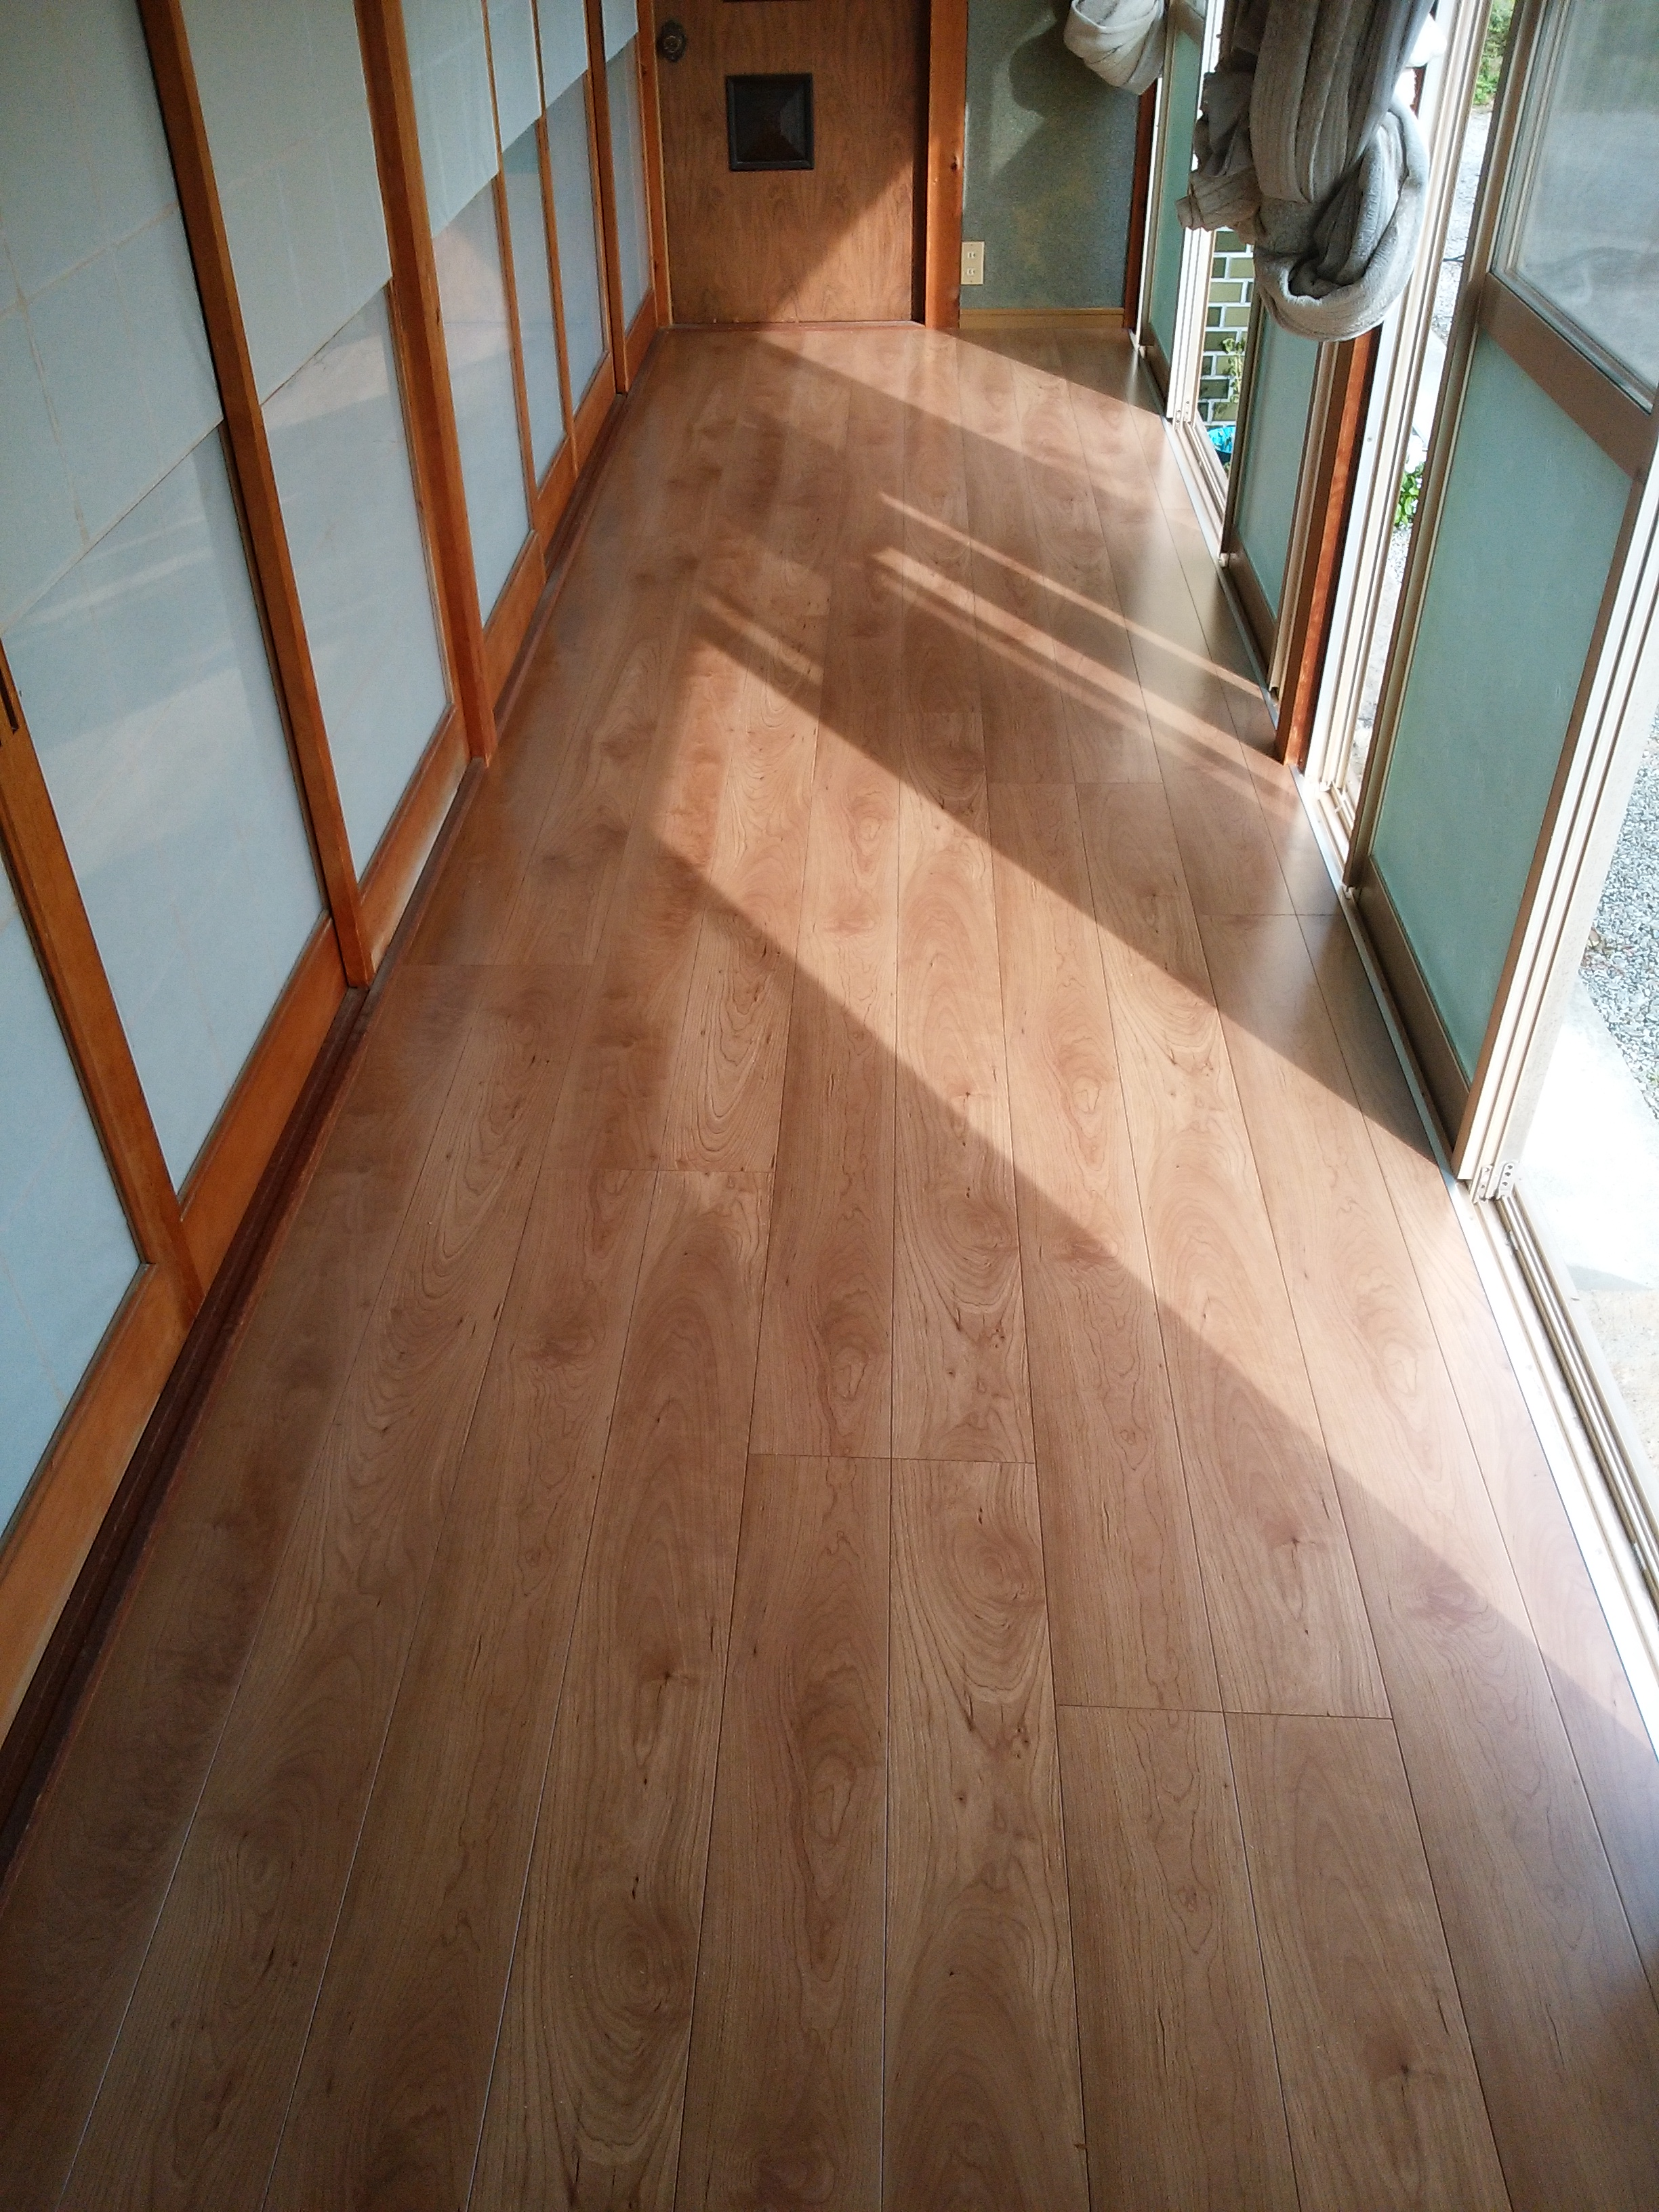 姫路市 縁側の床がベコベコするのでなんとかしたい!